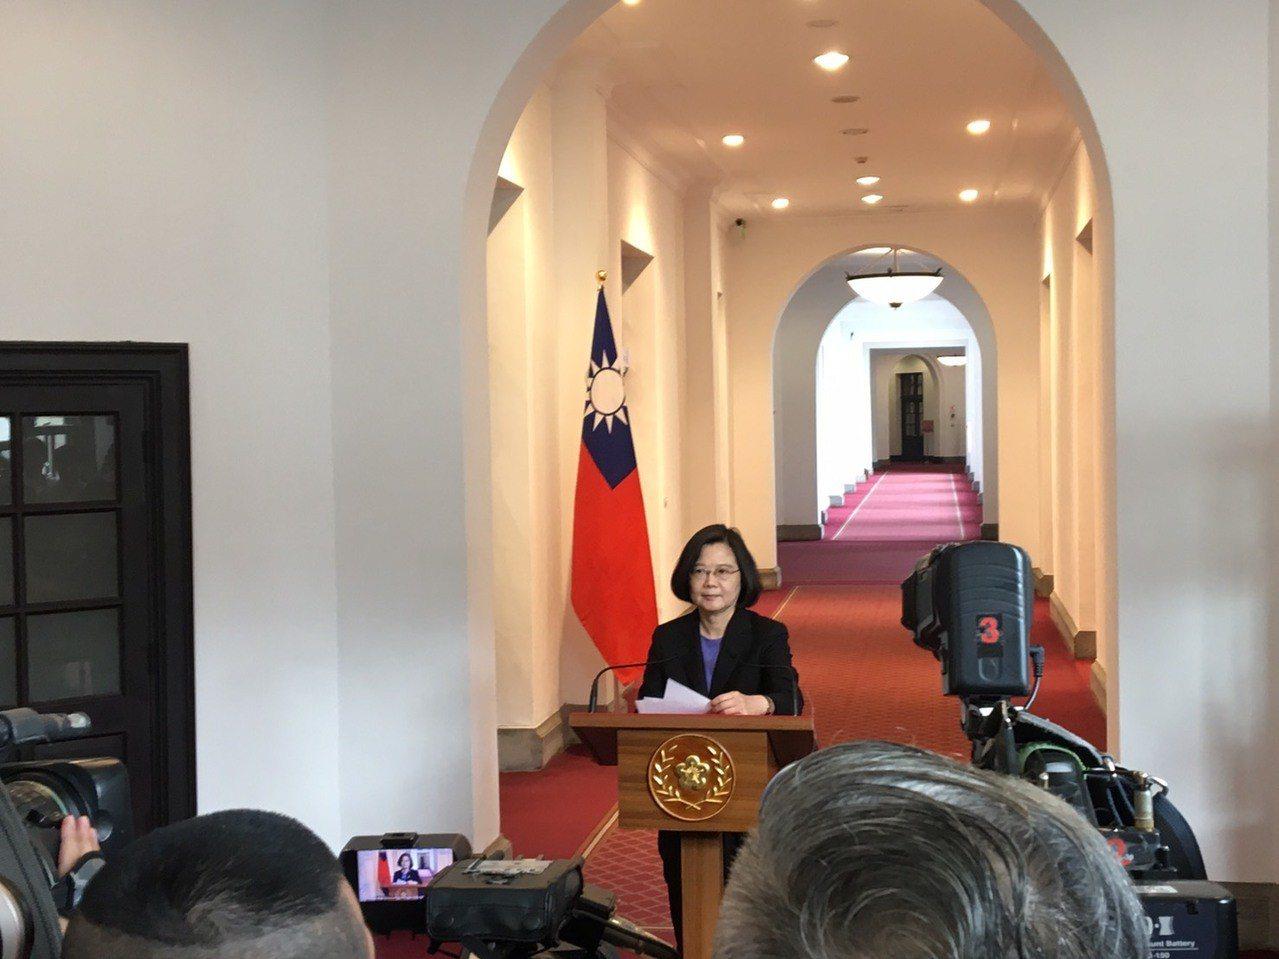 蔡英文總統今天在總統府舉行「迴廊談話」,回應時事議題。記者周佑政/攝影